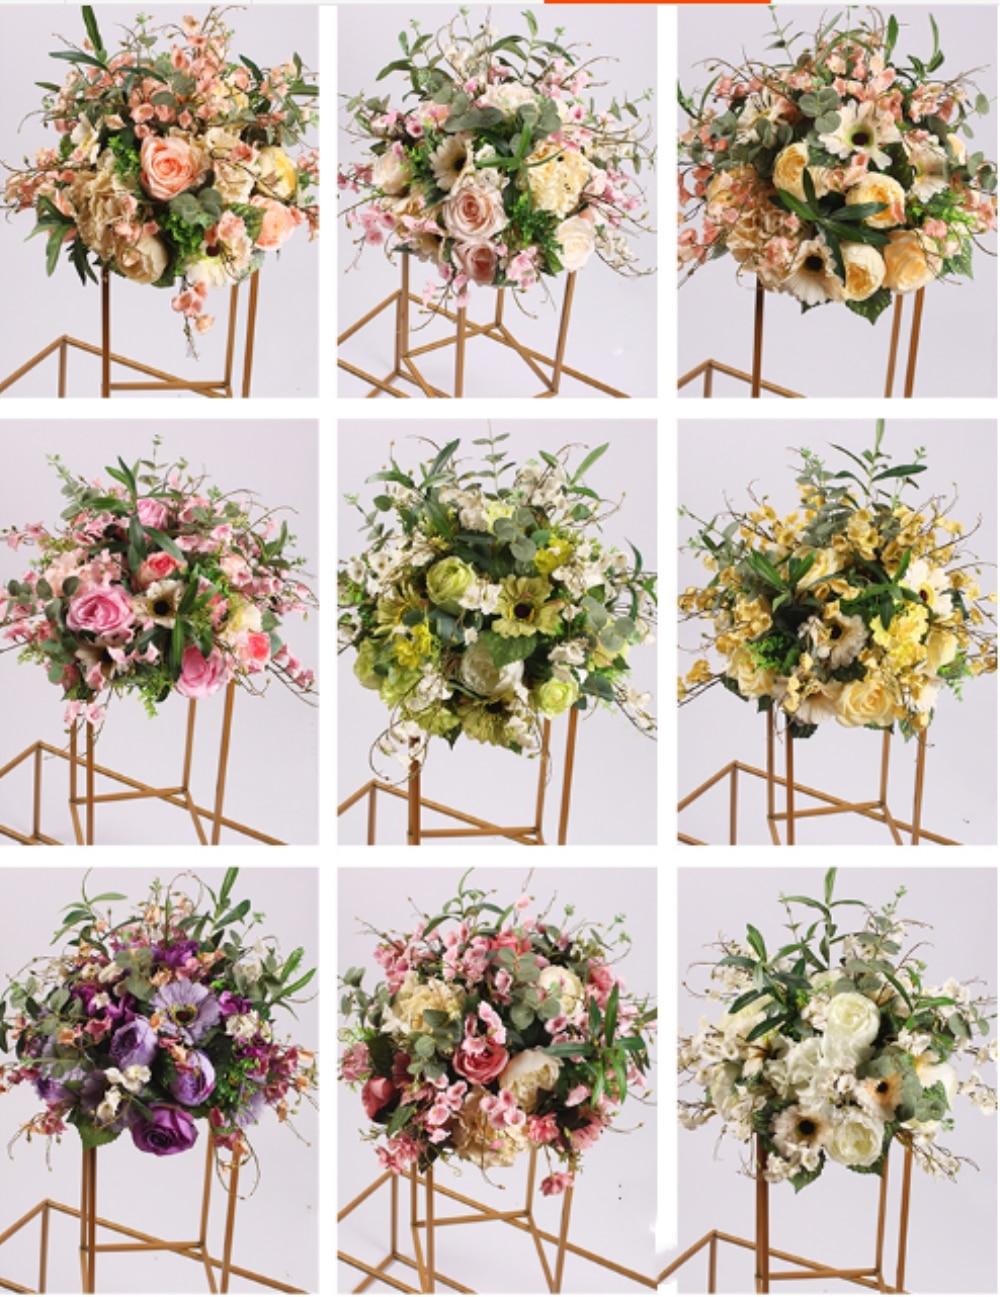 Soie fleur boule Flowe Rack pour mariage pièce maîtresse maison chambre décoration fête fournitures bricolage route plomb artisanat fleur 9 couleur